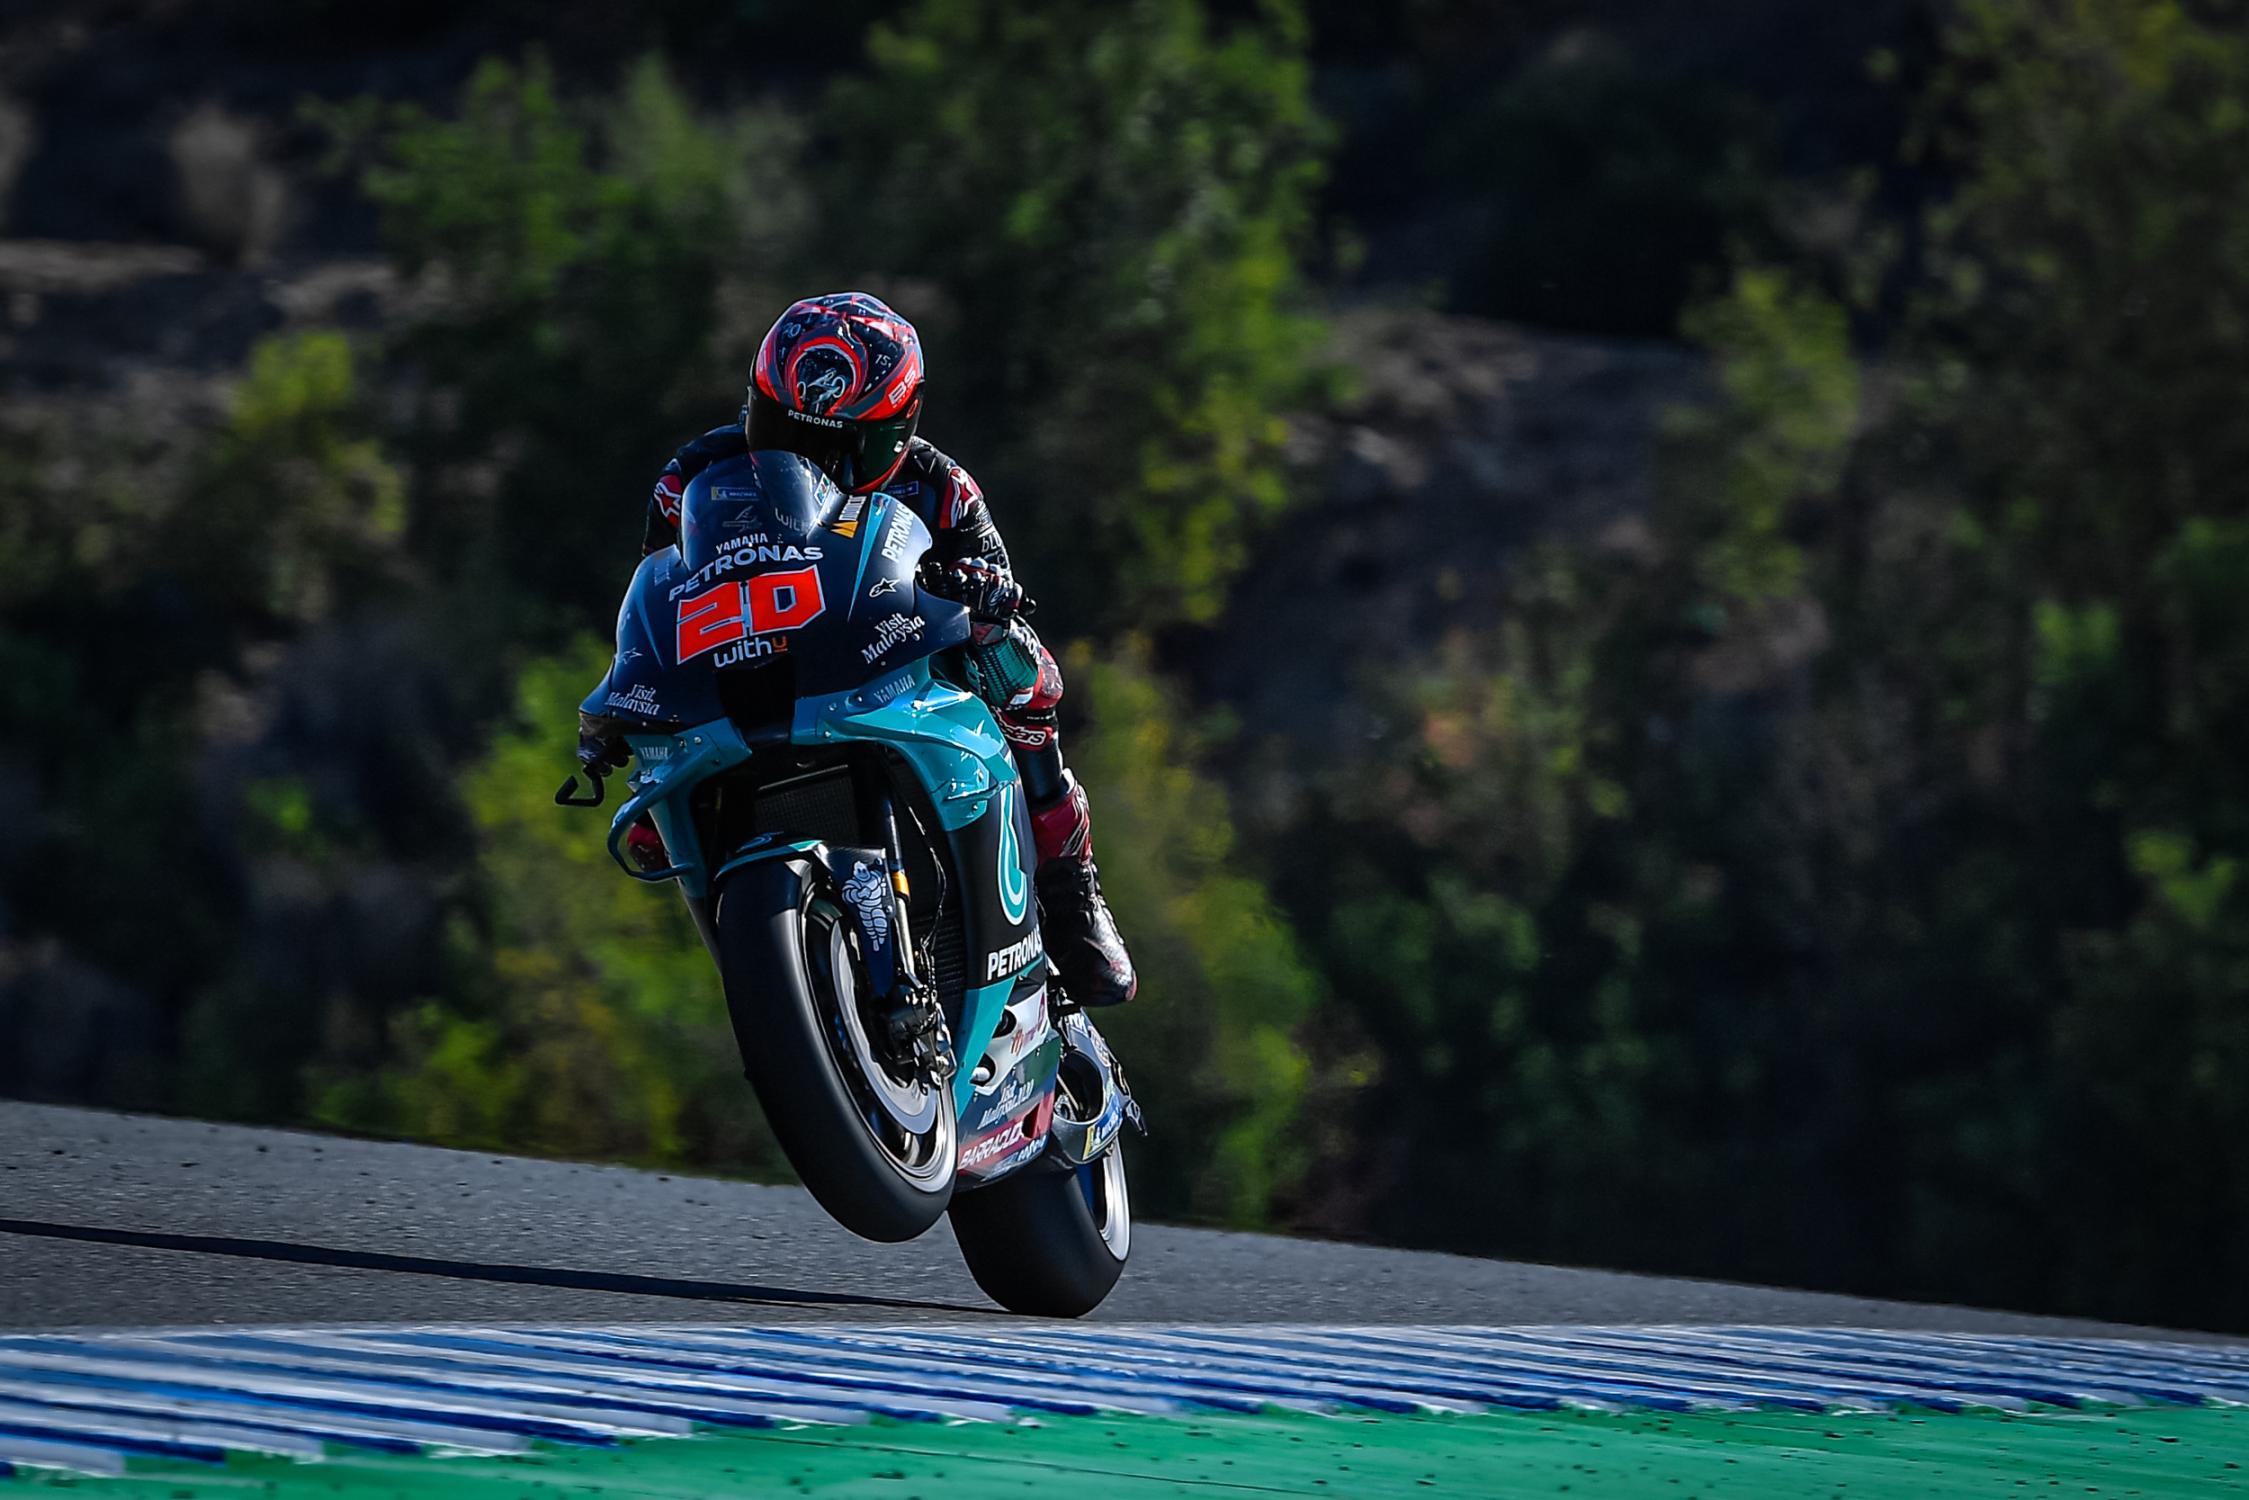 Výsledky závodů MotoGP Španělska 2020